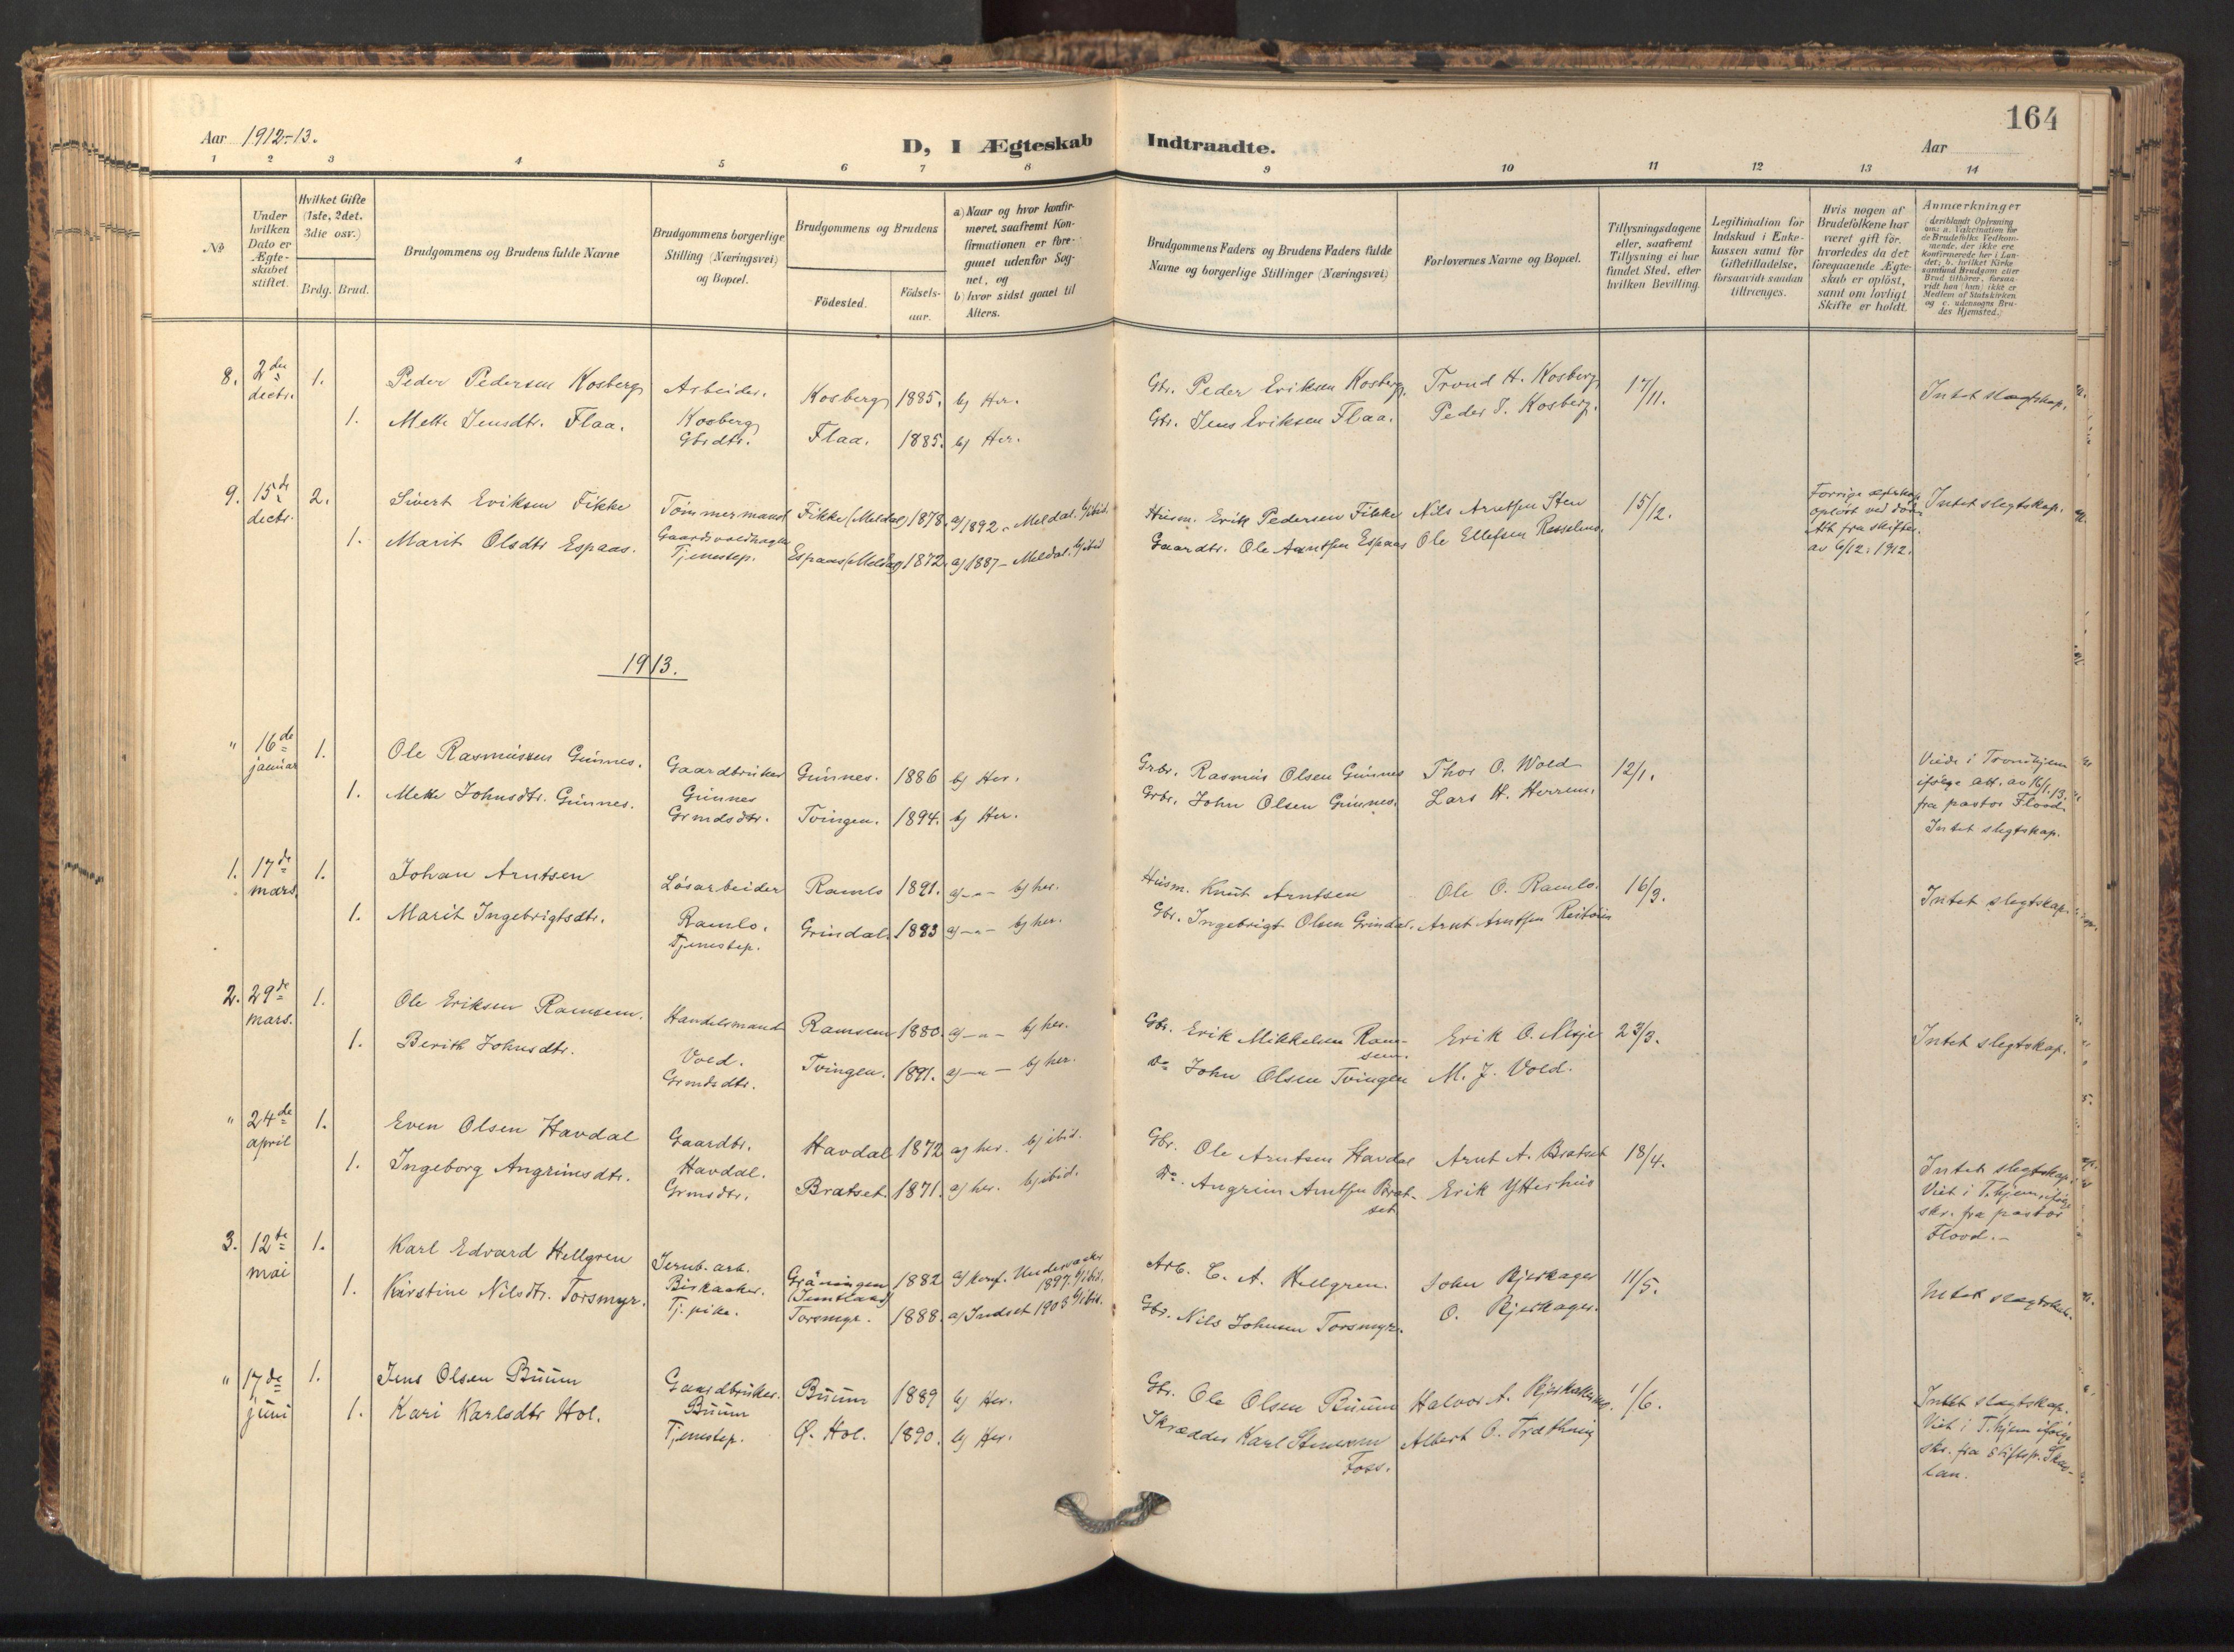 SAT, Ministerialprotokoller, klokkerbøker og fødselsregistre - Sør-Trøndelag, 674/L0873: Ministerialbok nr. 674A05, 1908-1923, s. 164